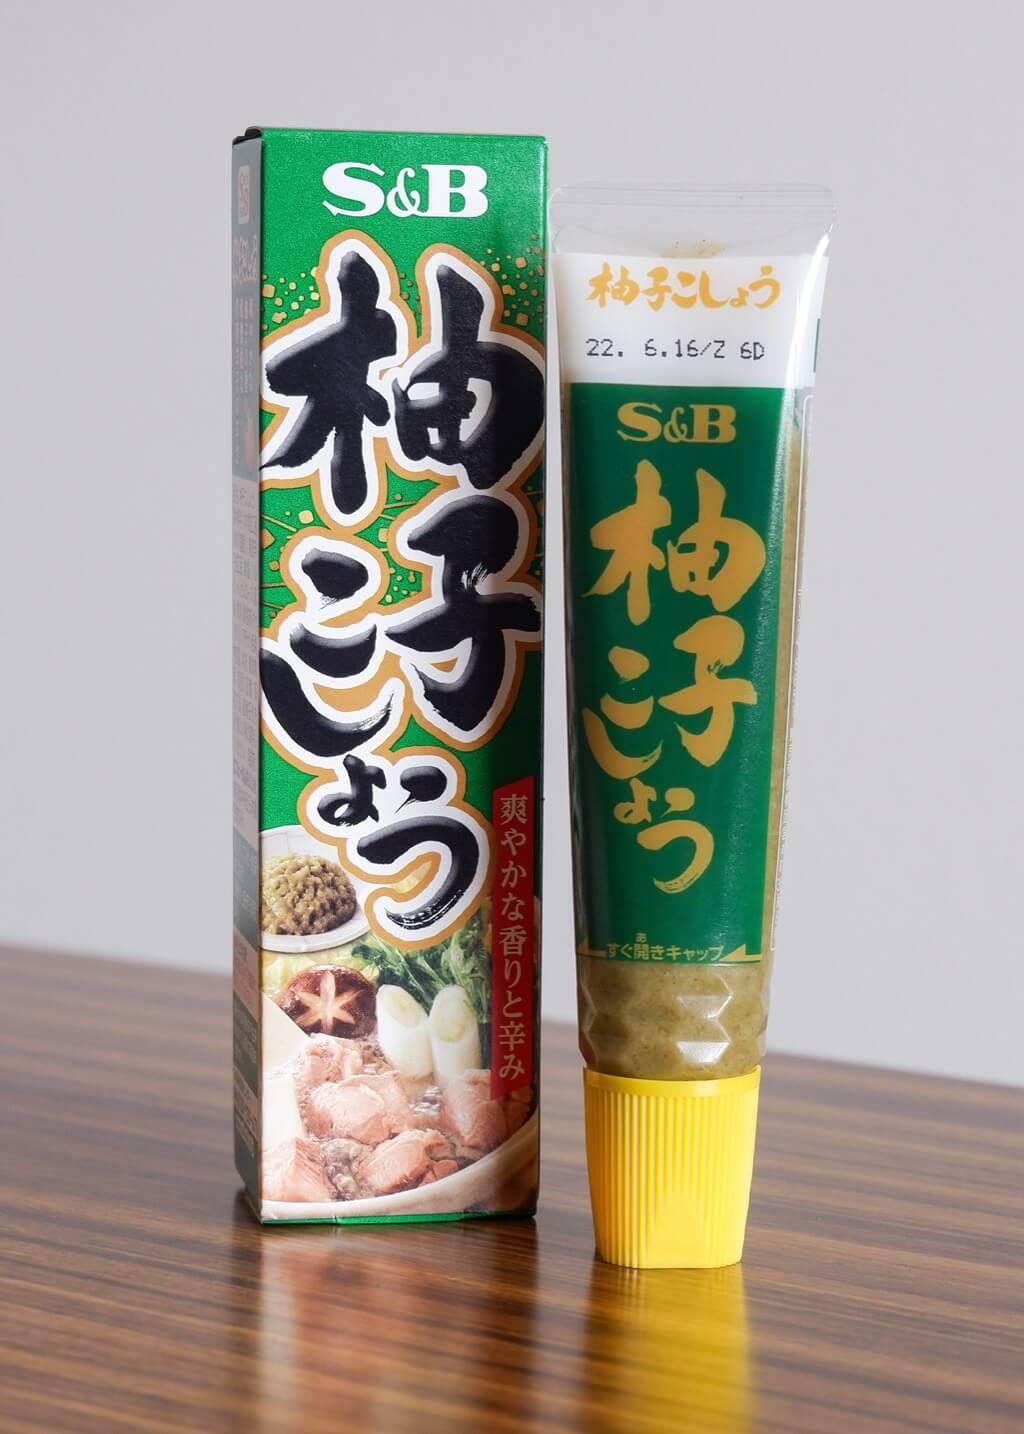 ZenPop Hojicha - Limited edition Tea Pack